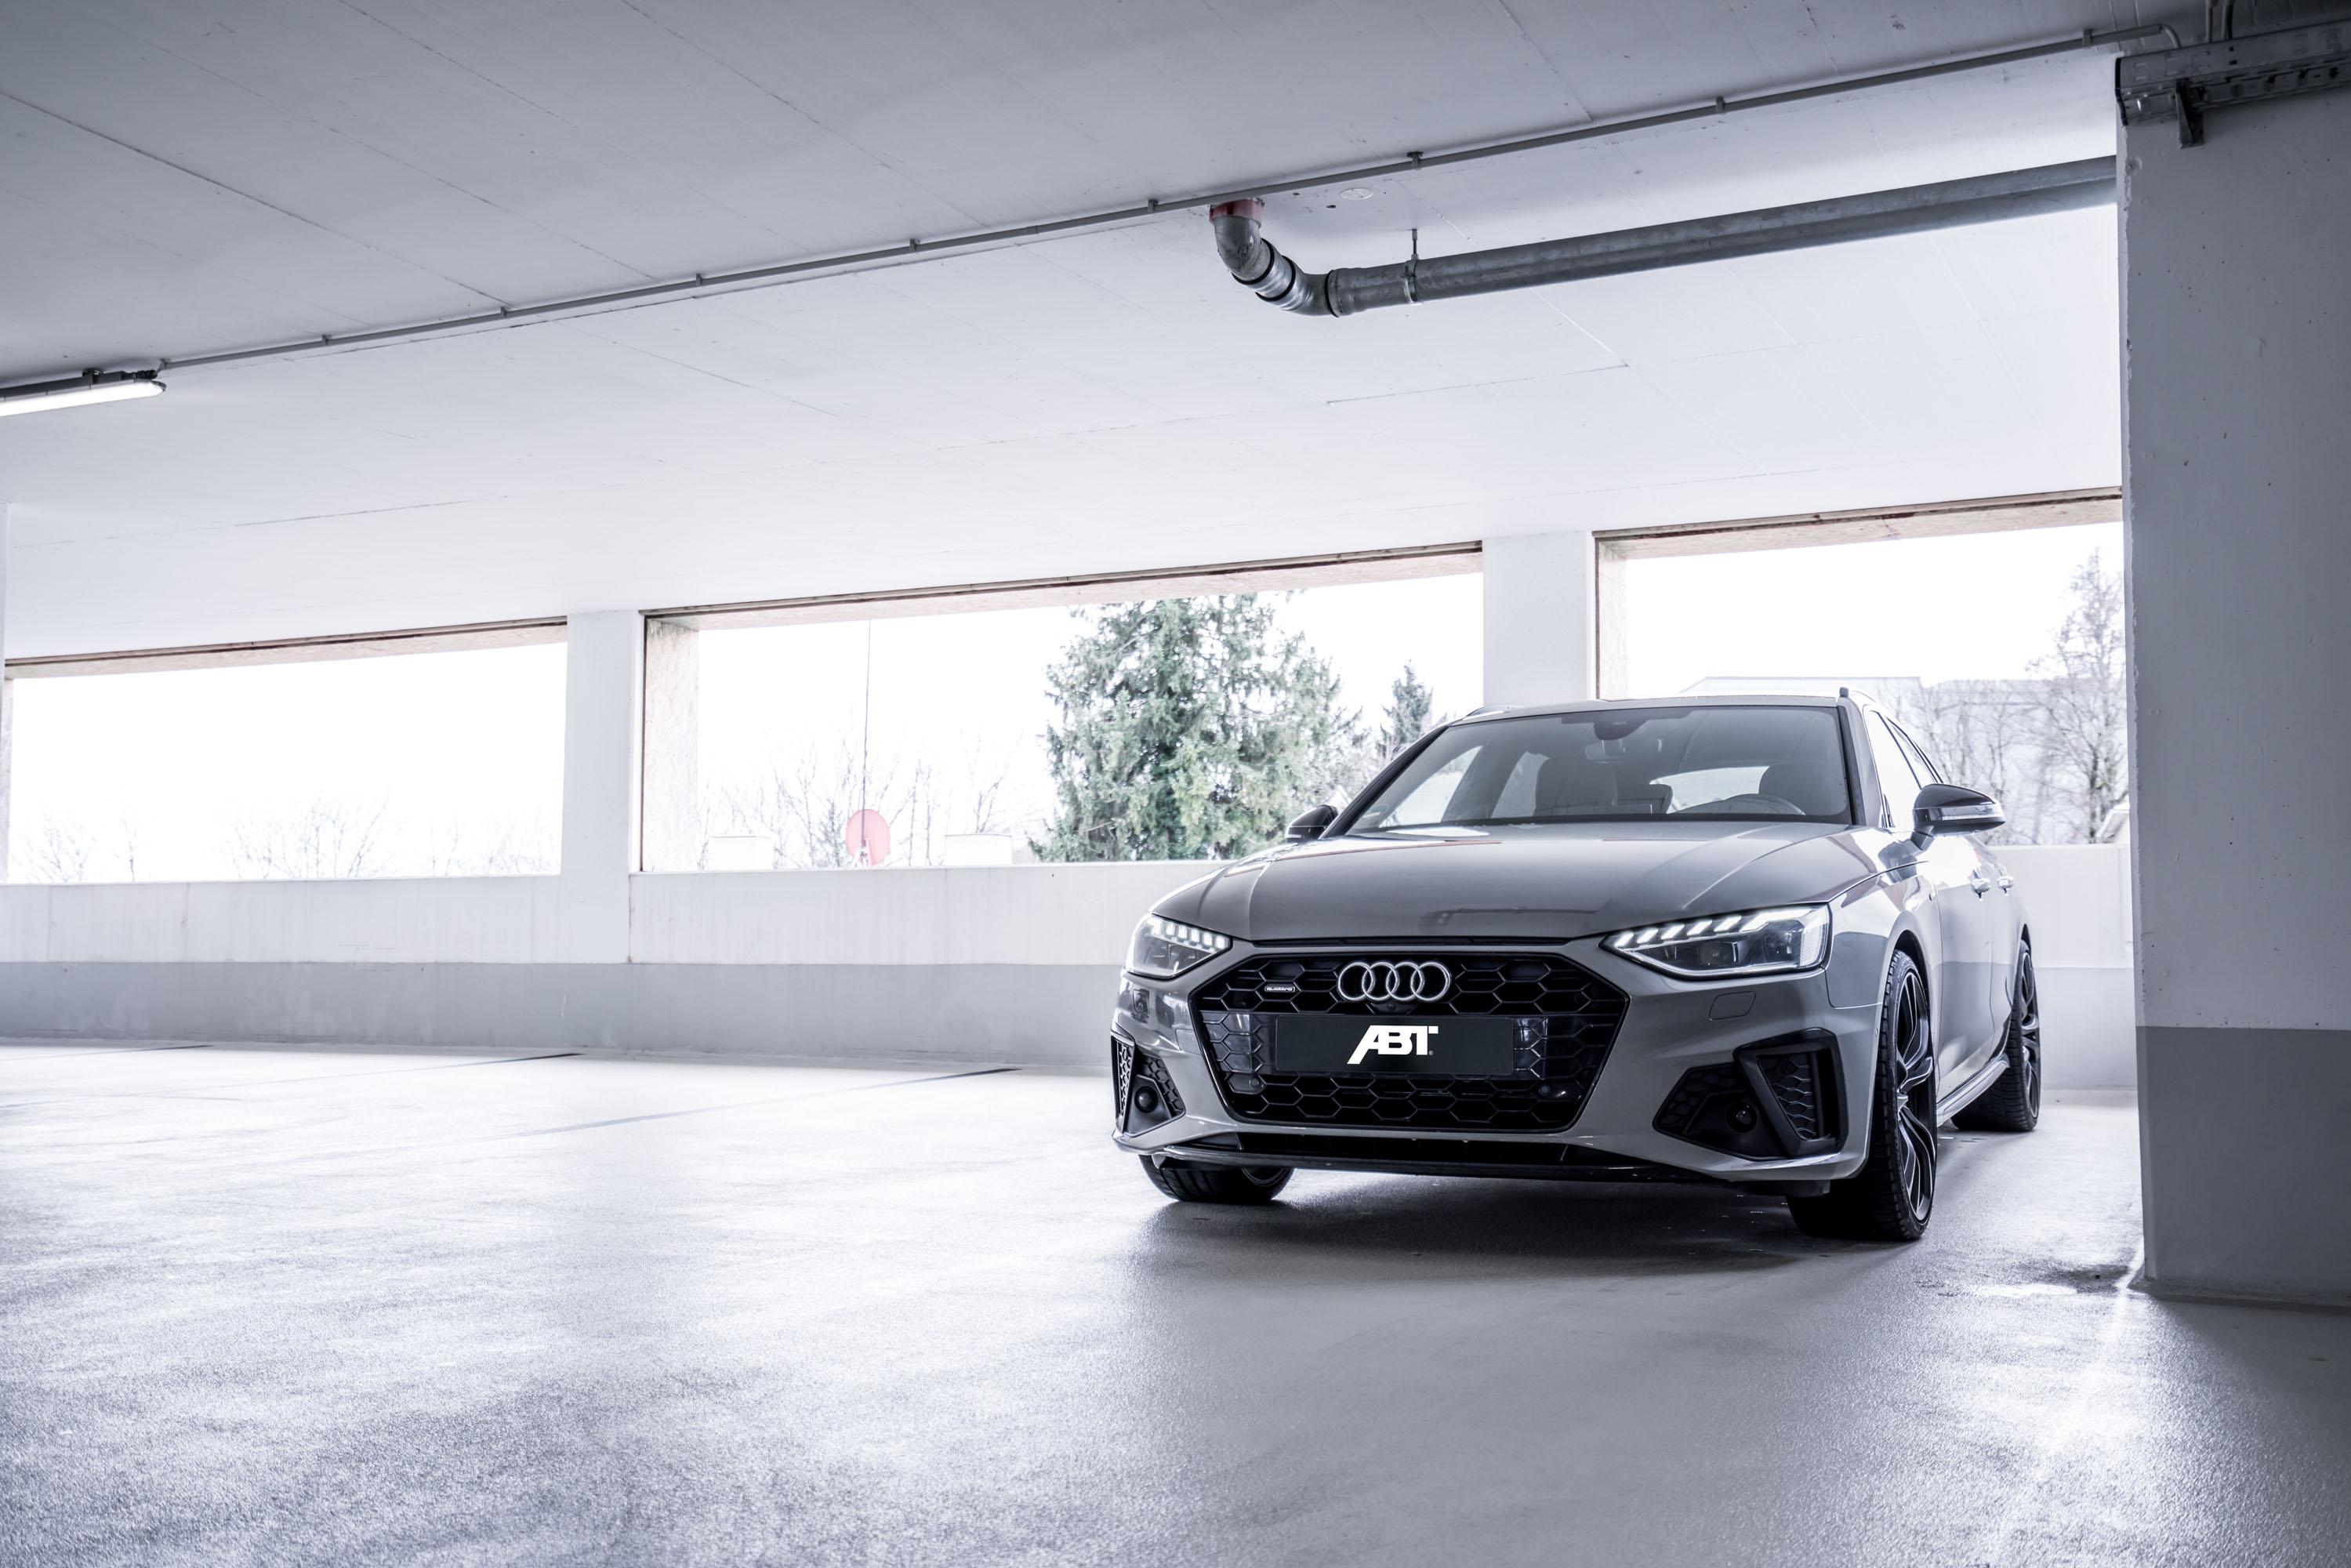 ABT Audi A4 photo #1